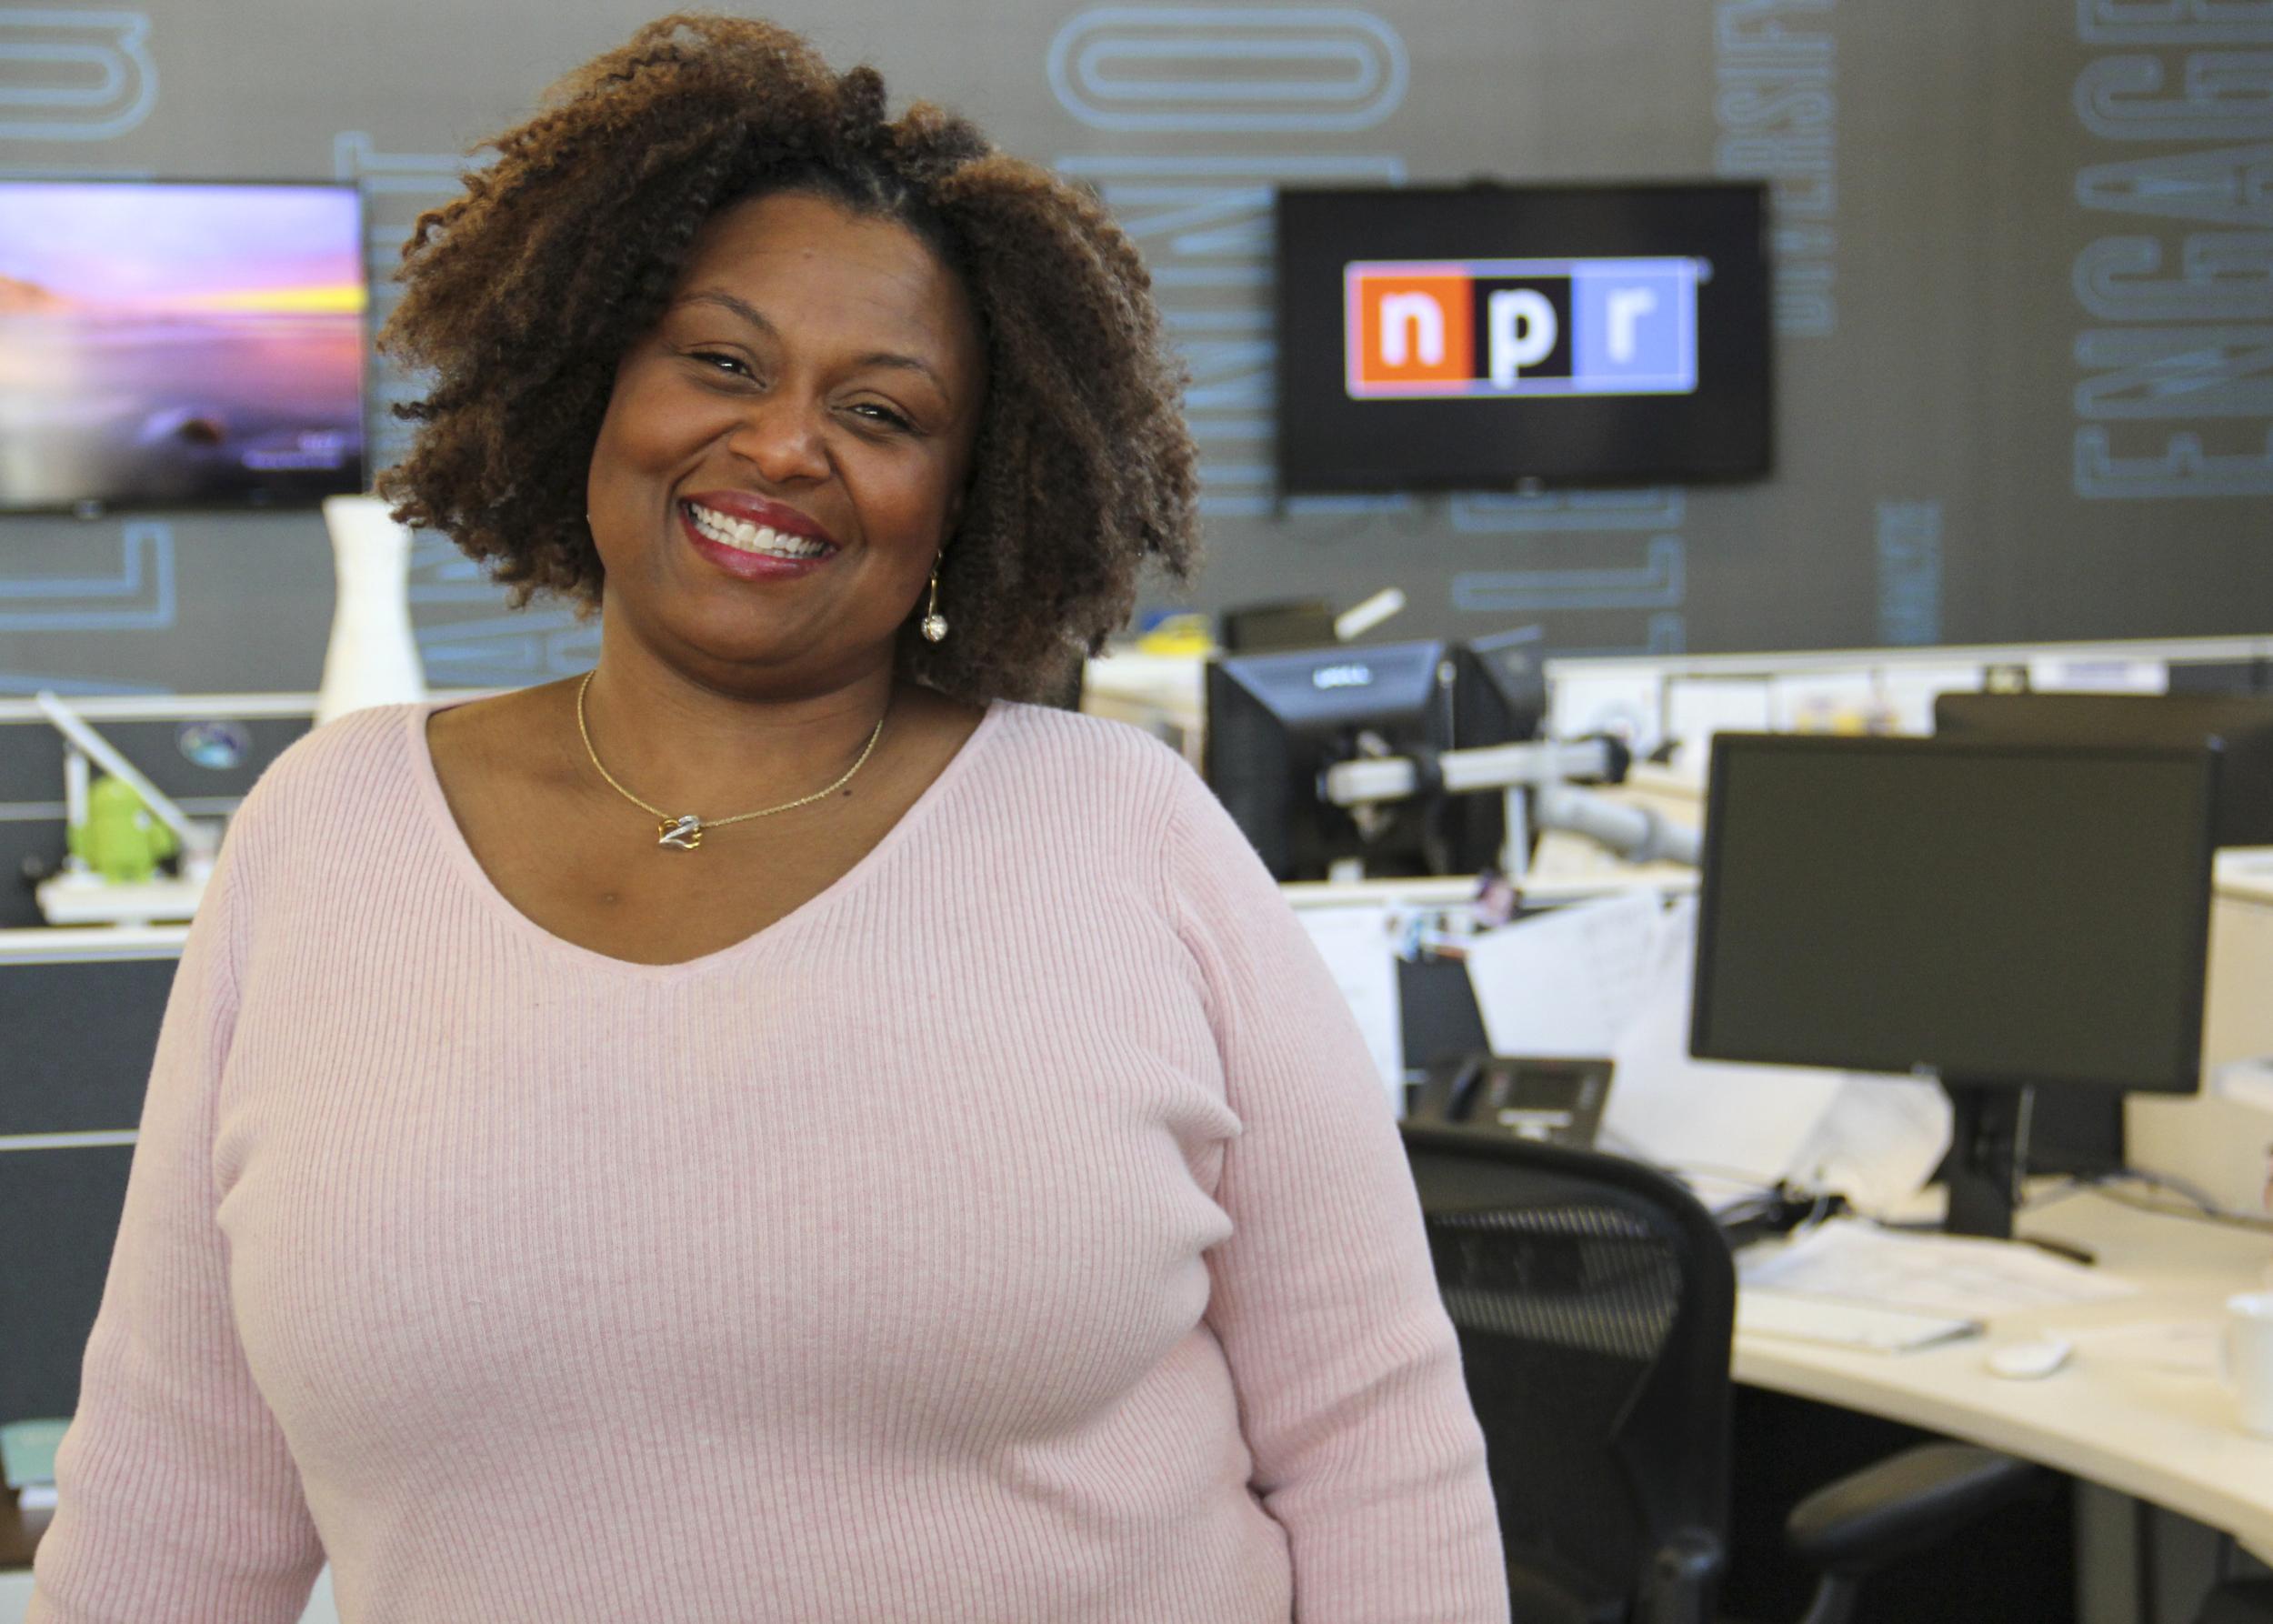 Caitlin Sanders/NPR